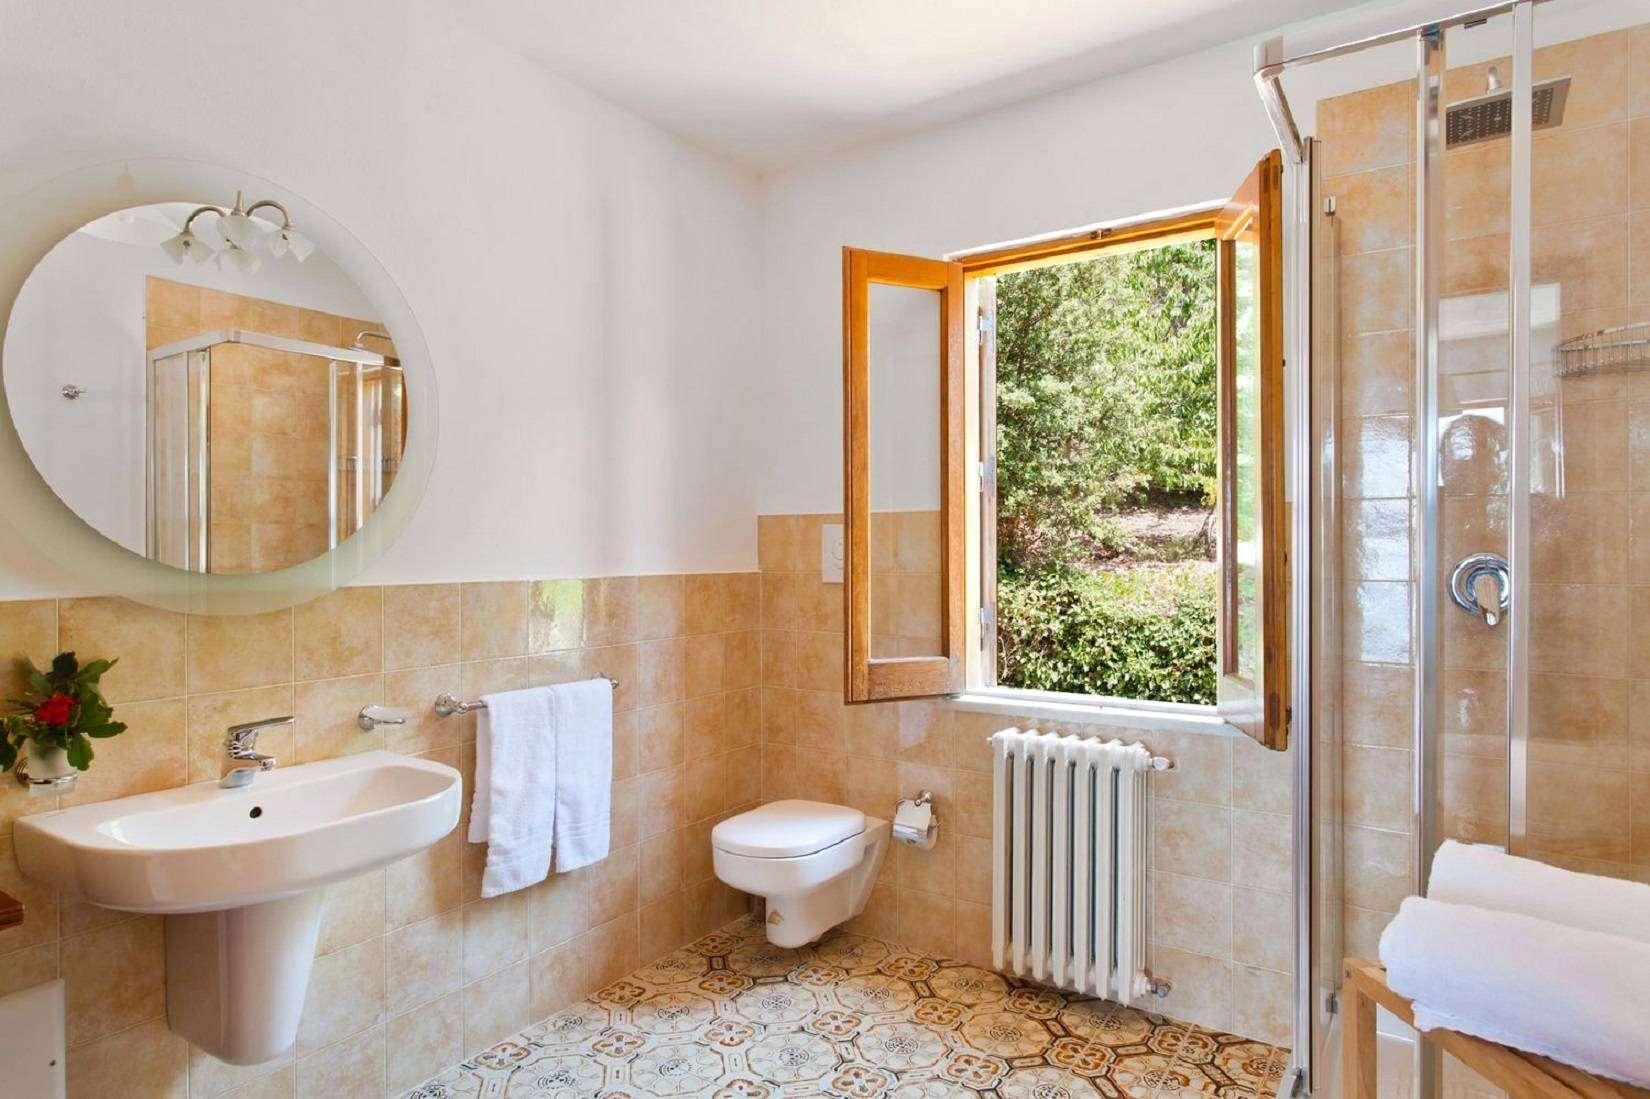 10 La Rocca Bathroom